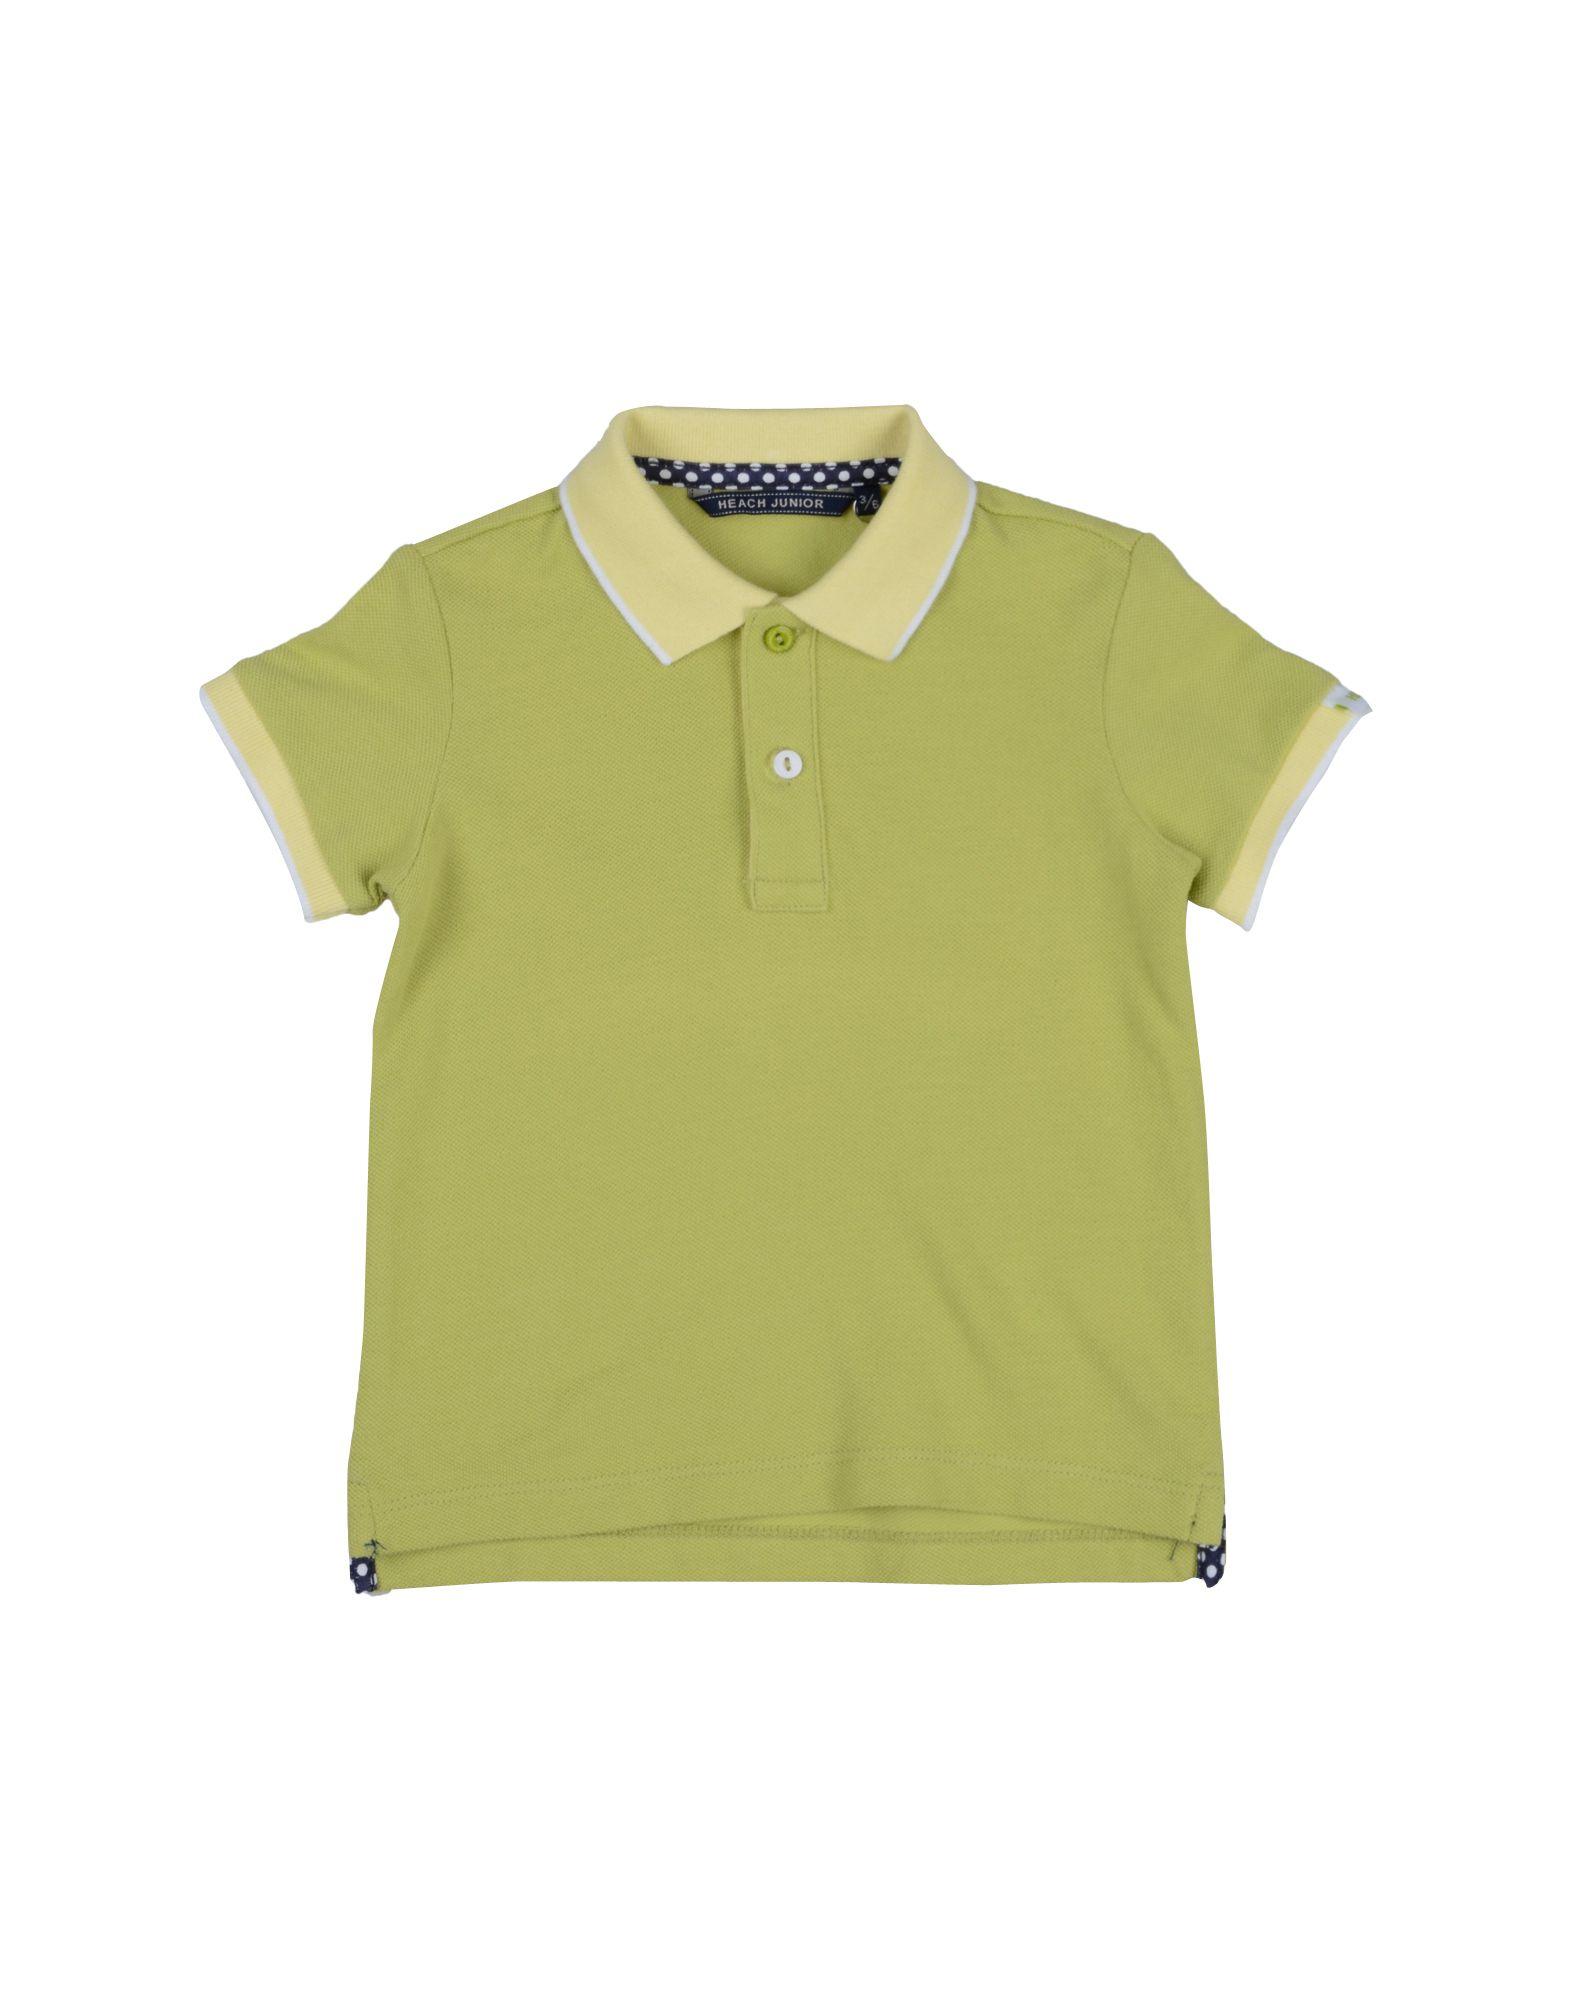 Heach Junior By Silvian Heach Kids' Polo Shirts In Green